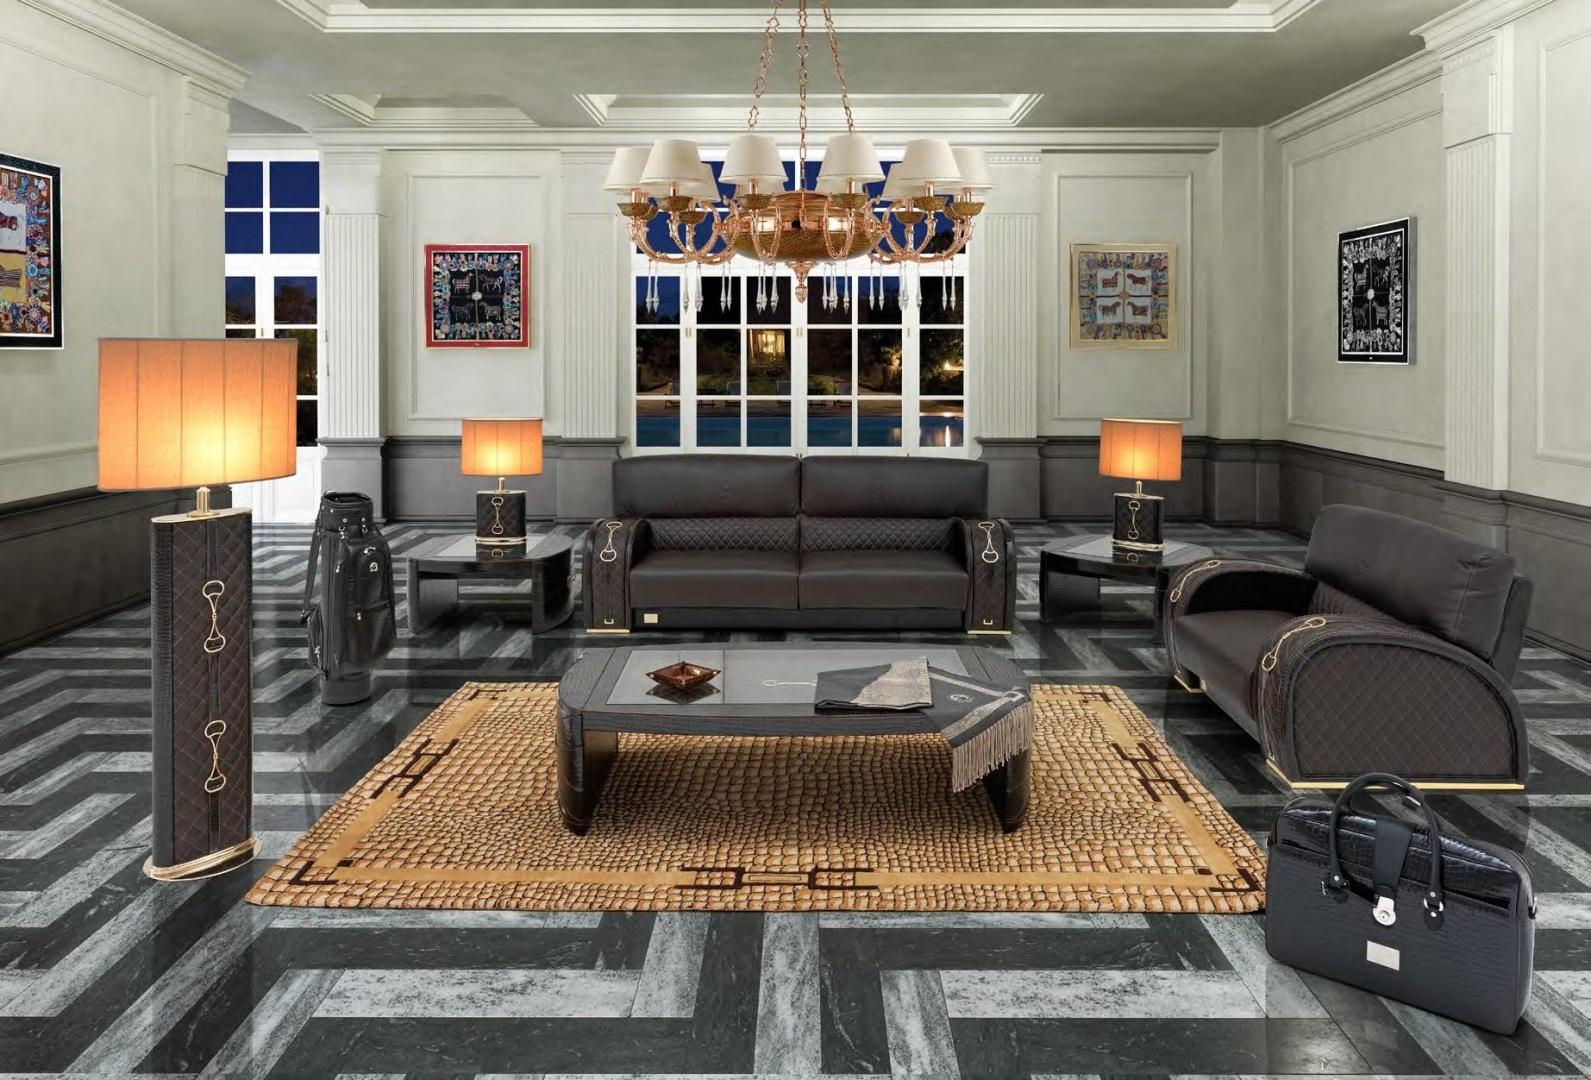 WINDSOR комплект мягкой мебели 89158